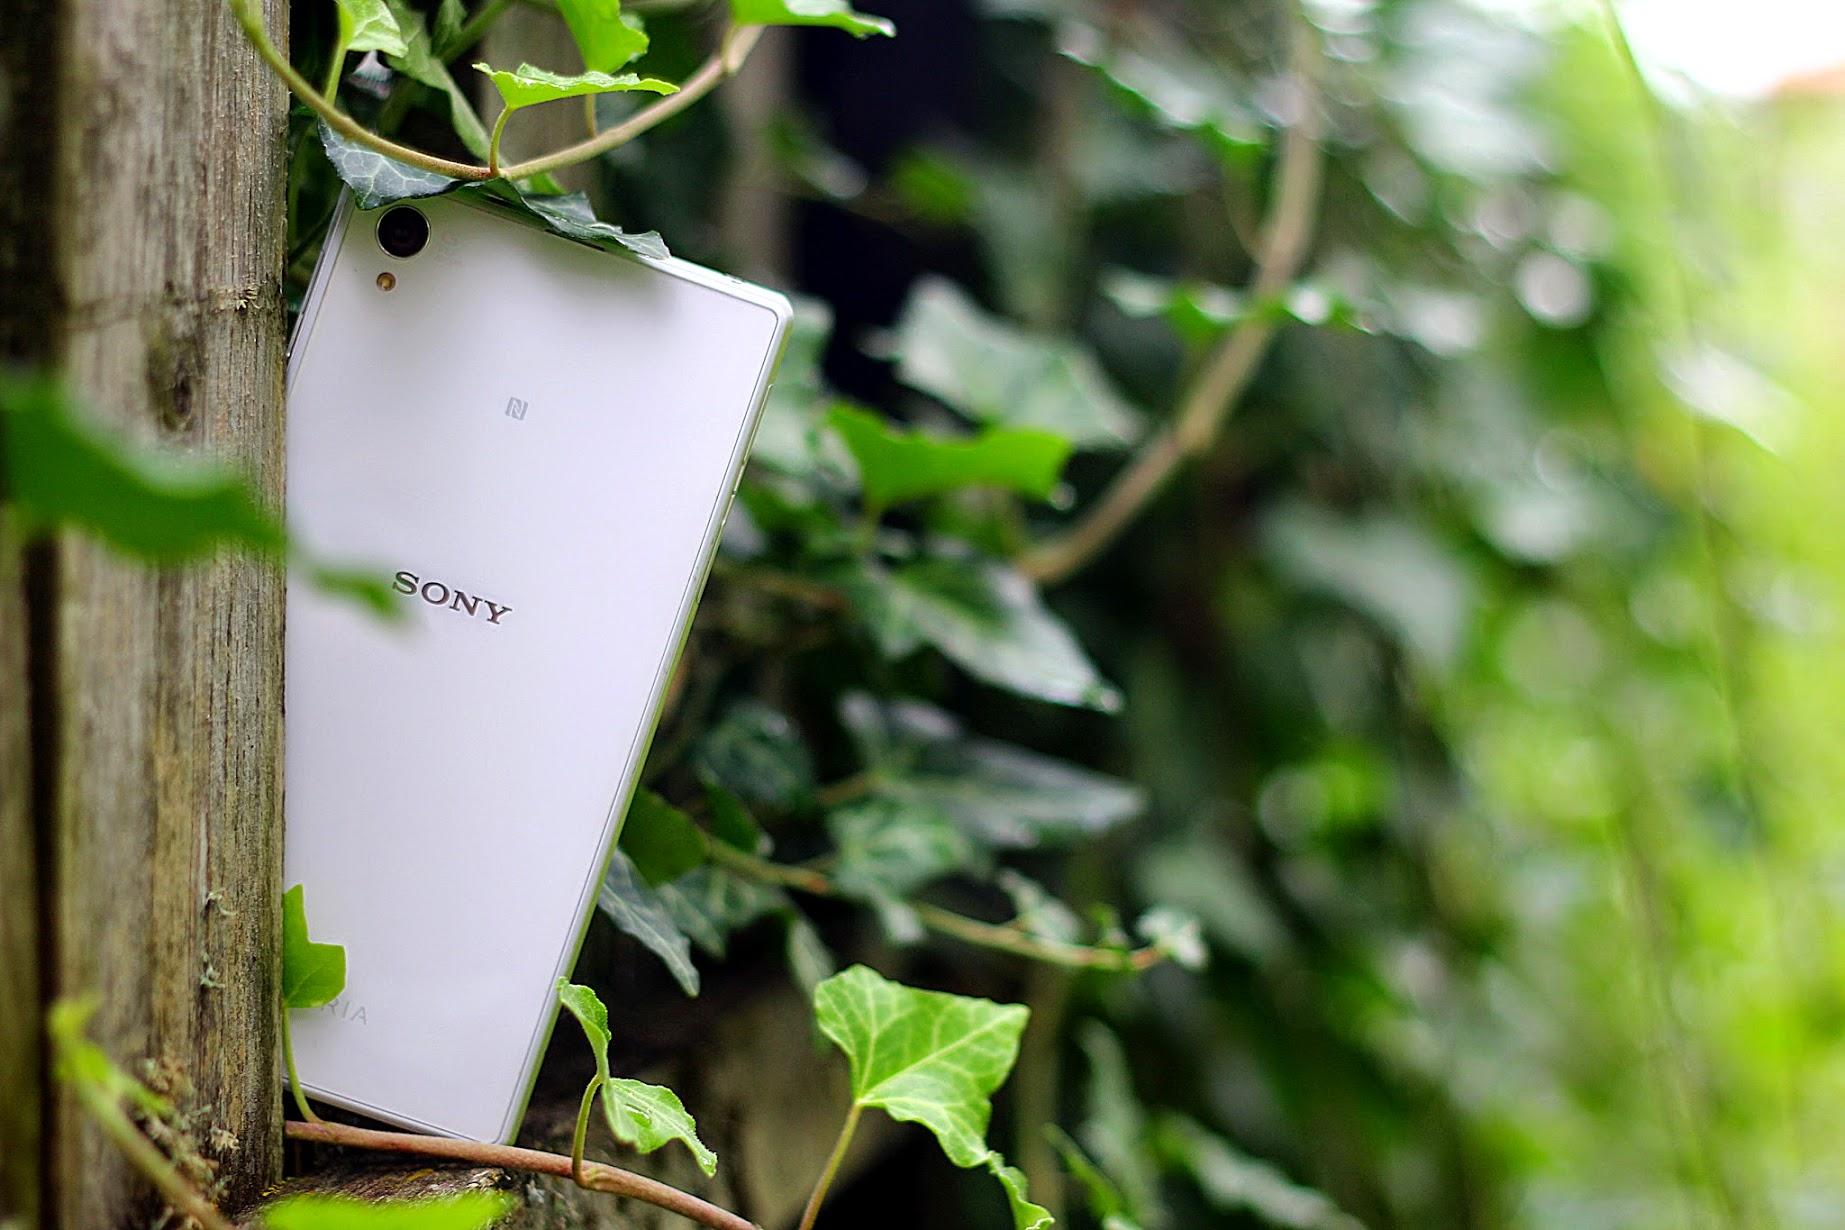 Sony Xperia Z1, Sony SmartBand